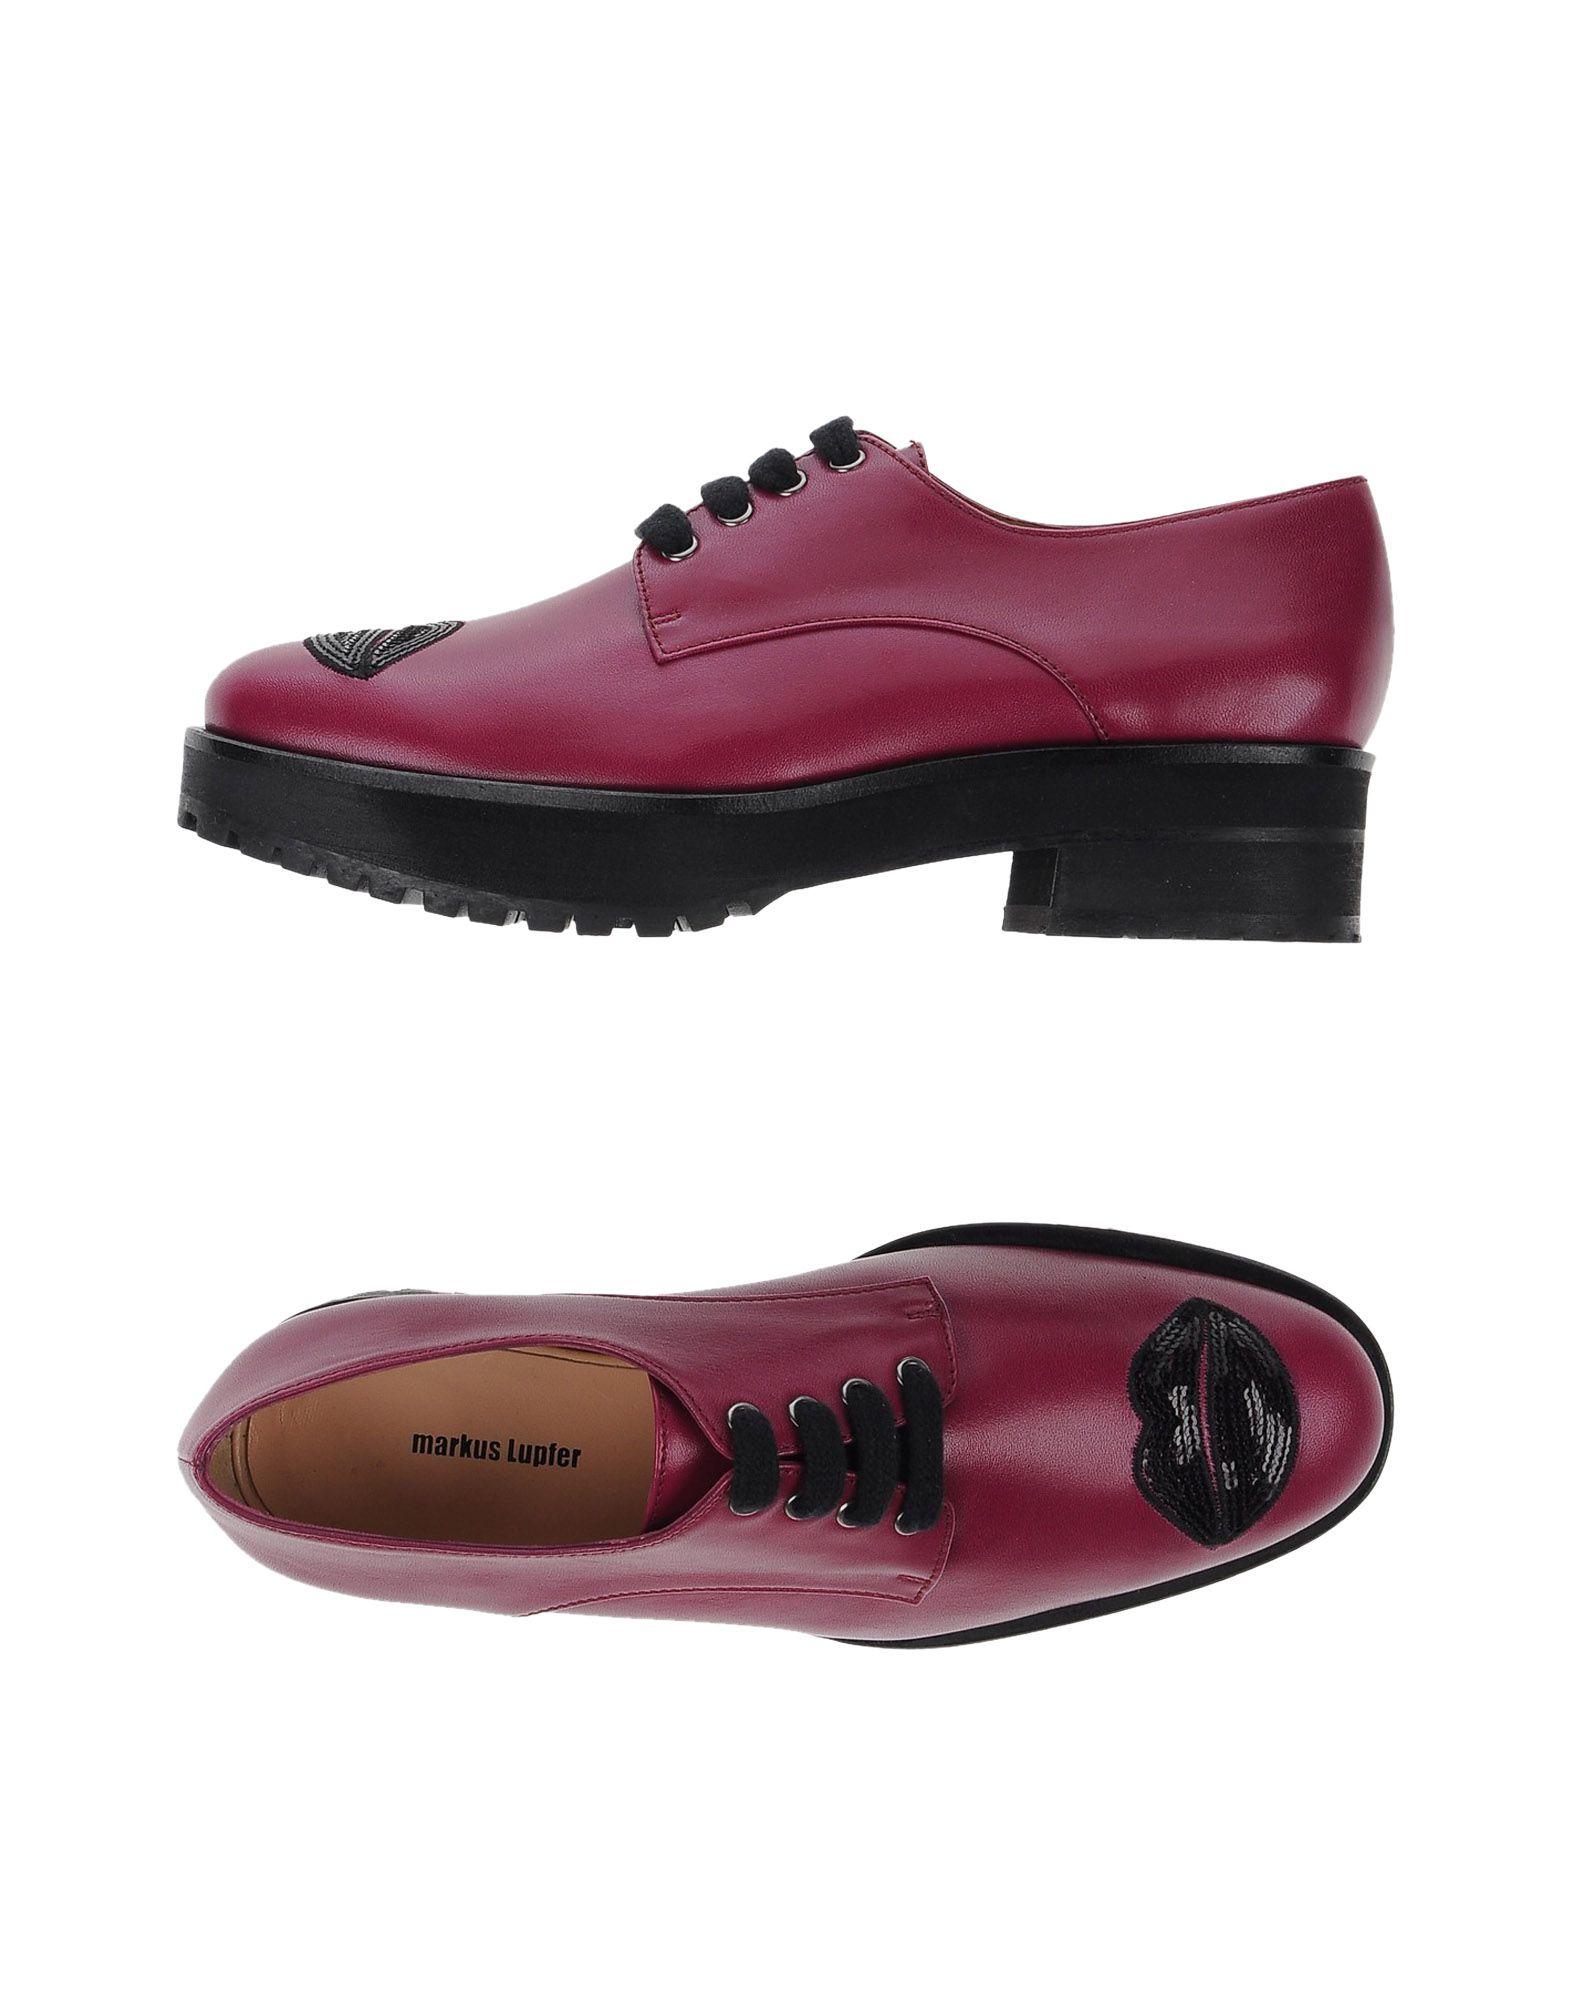 Stilvolle billige Schuhe Markus Lupfer 11065612VW Schnürschuhe Damen 11065612VW Lupfer 430c54